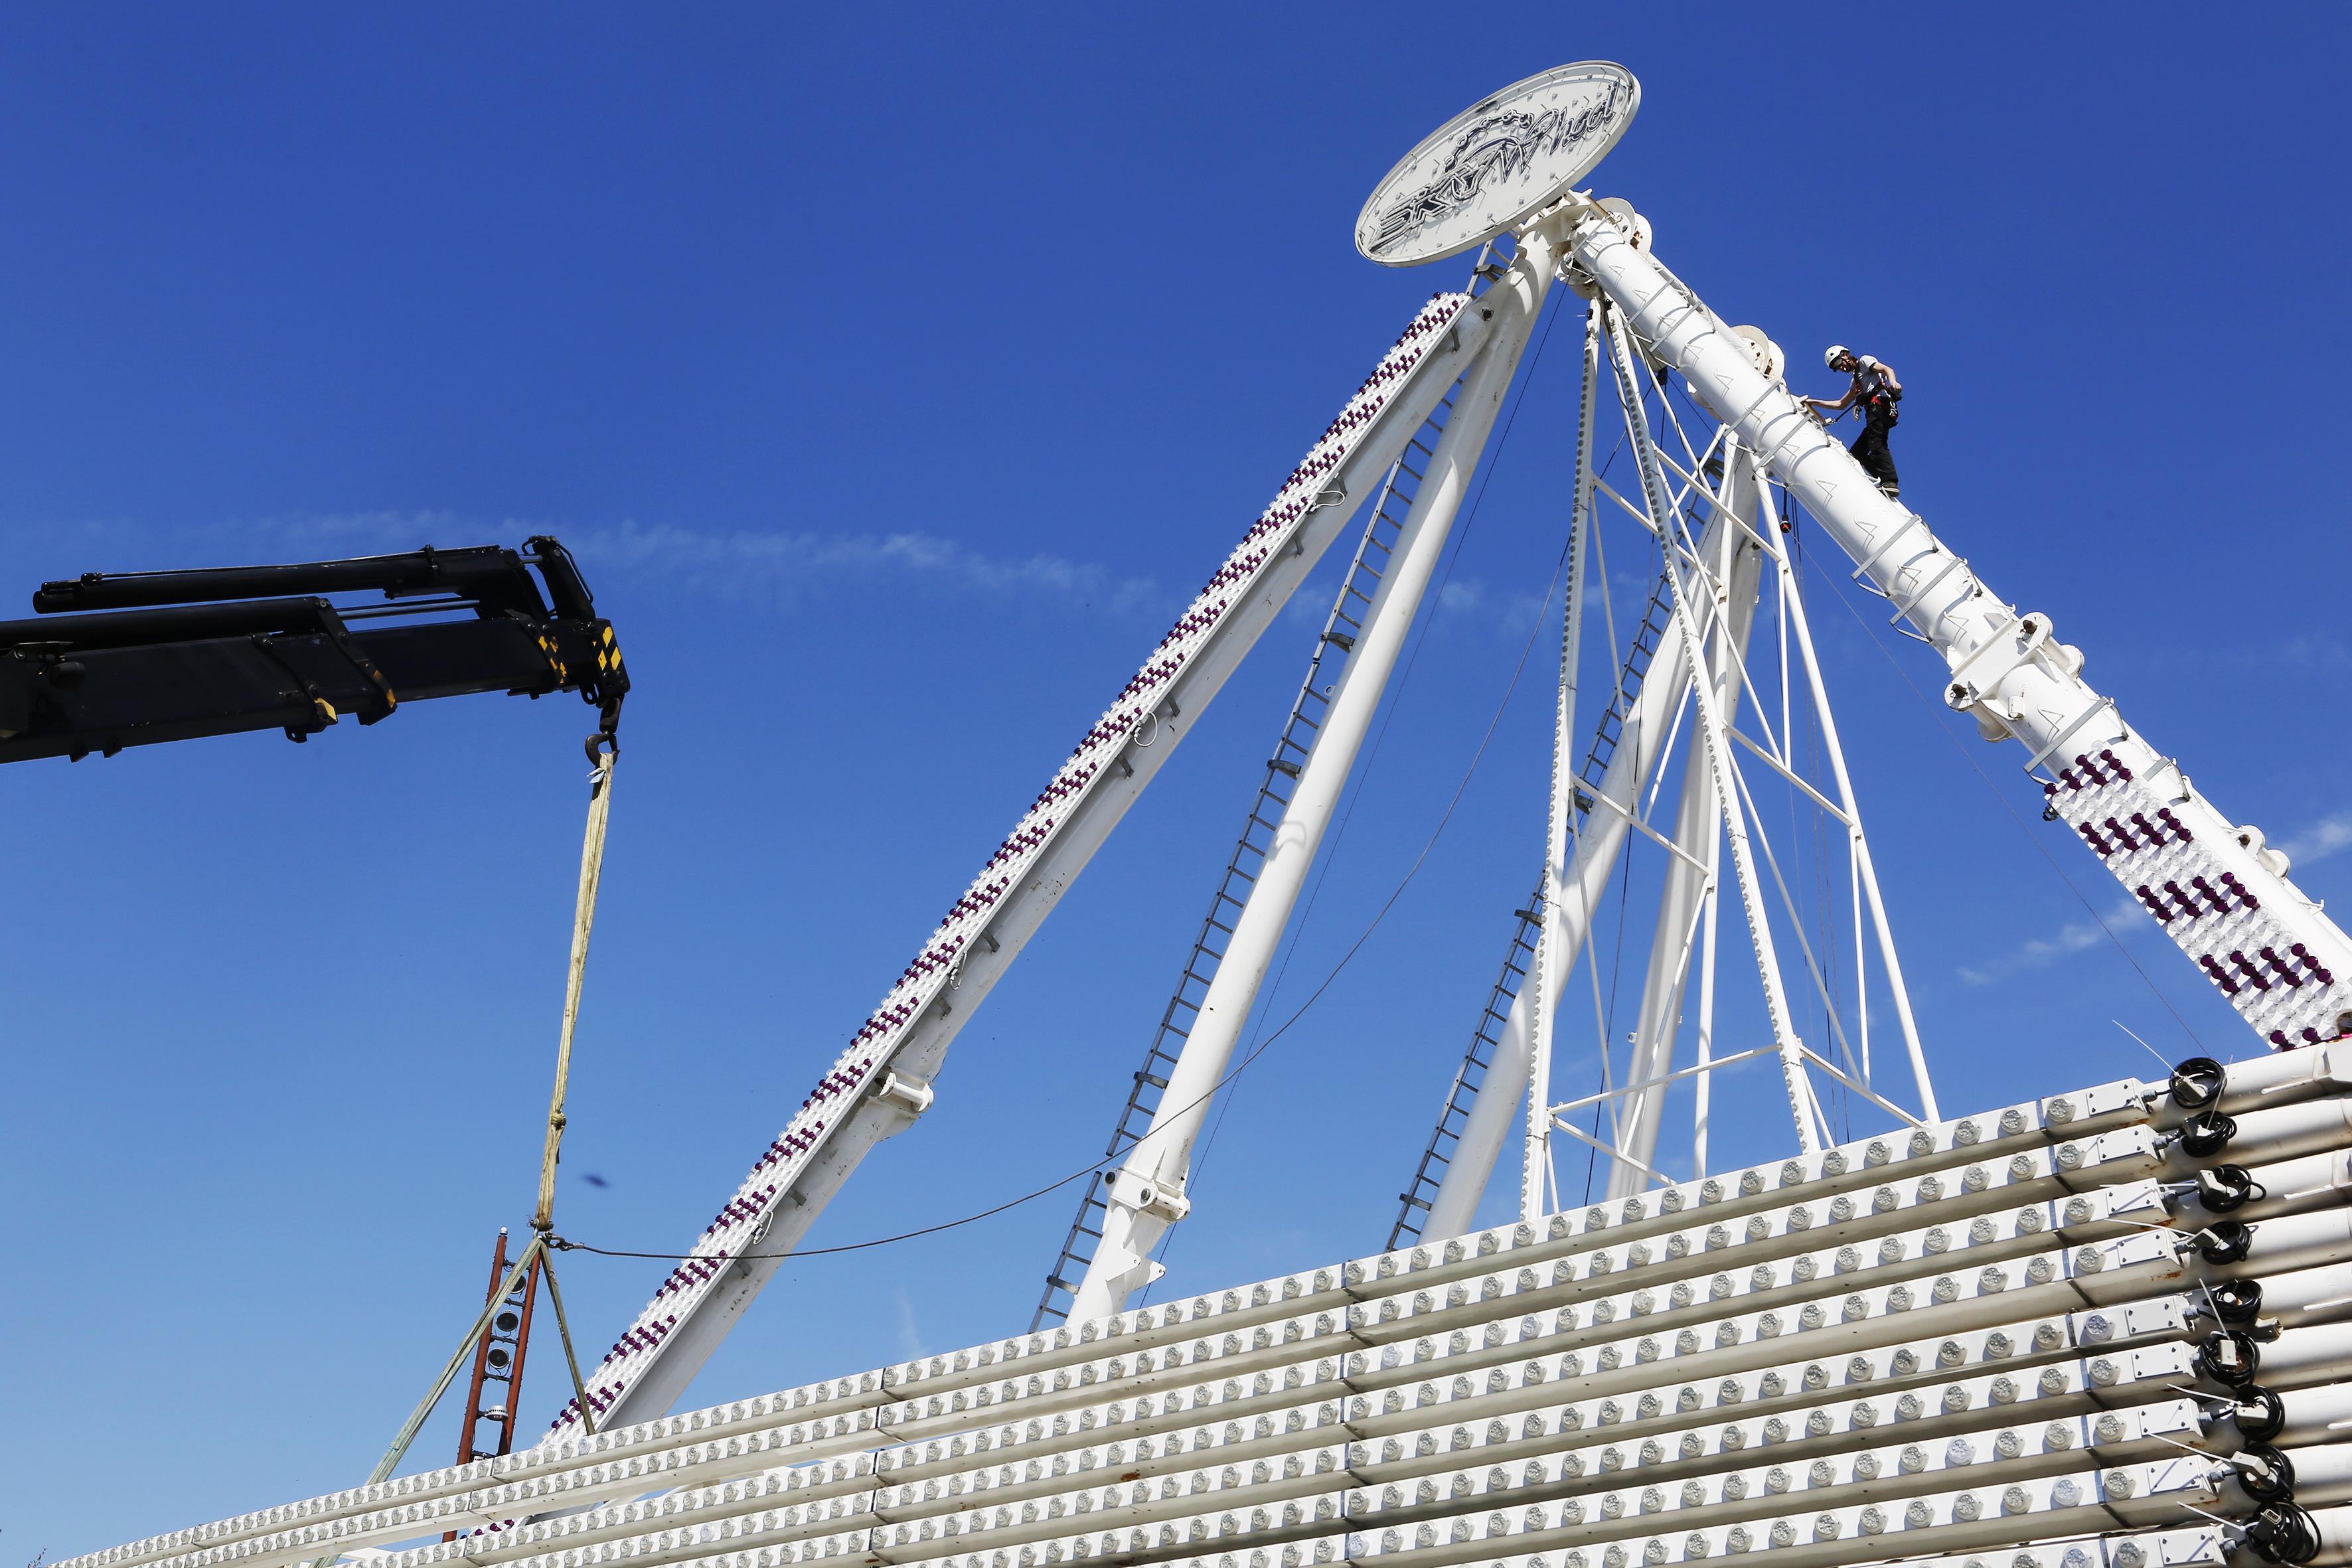 Dit jaar is het zeldzaam geworden reuzenrad de publiekstrekker op kermis in Hilversum